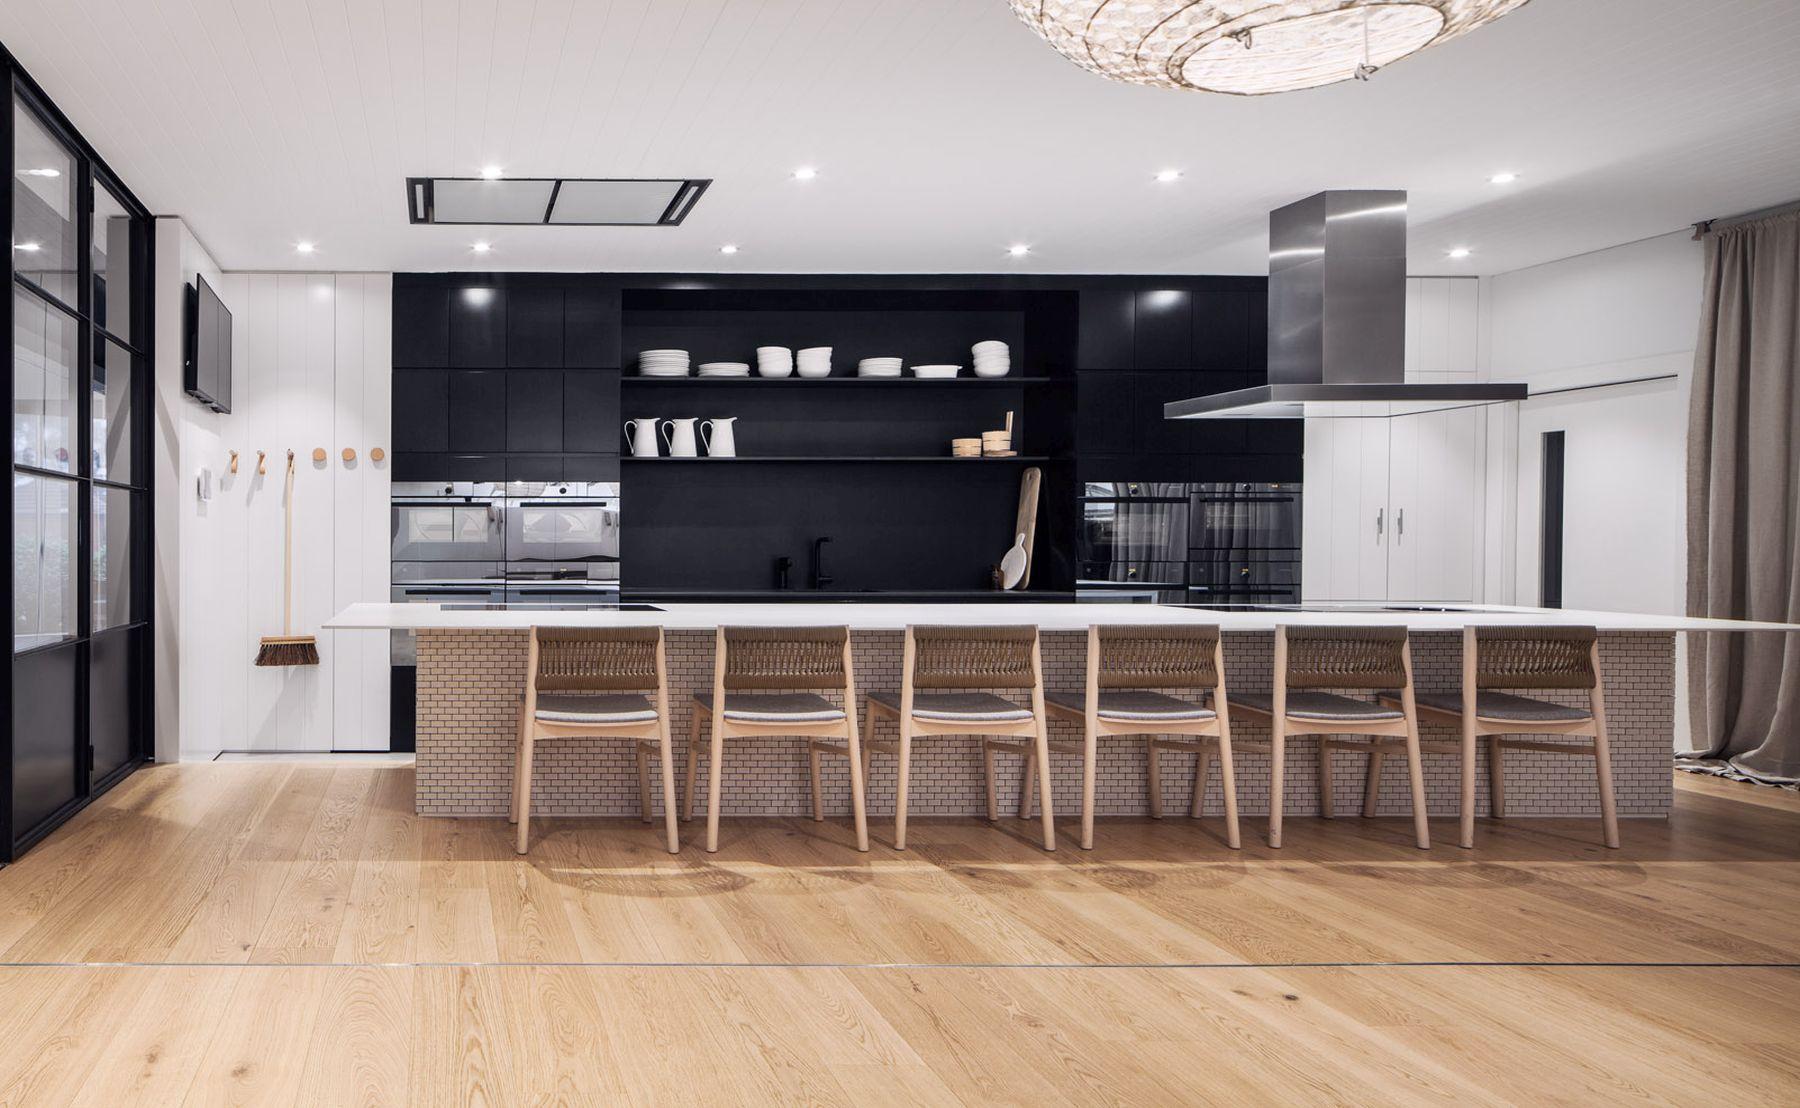 v zug ltd australia. Black Bedroom Furniture Sets. Home Design Ideas